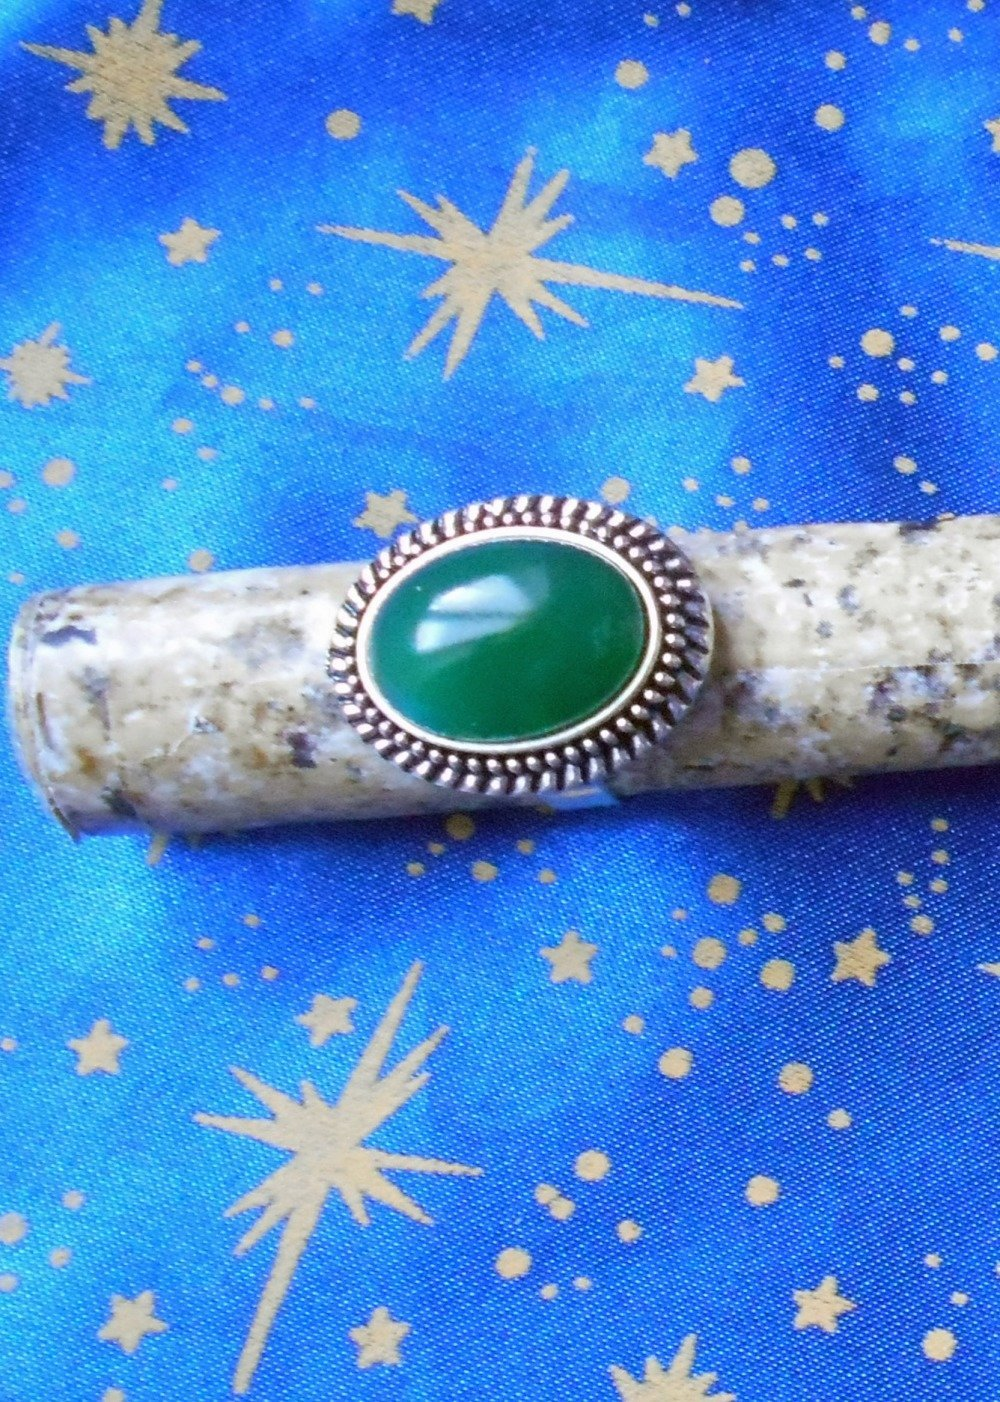 Bague en alliage argent/étain, style rétro, avec une agate verte de 13x18mm.